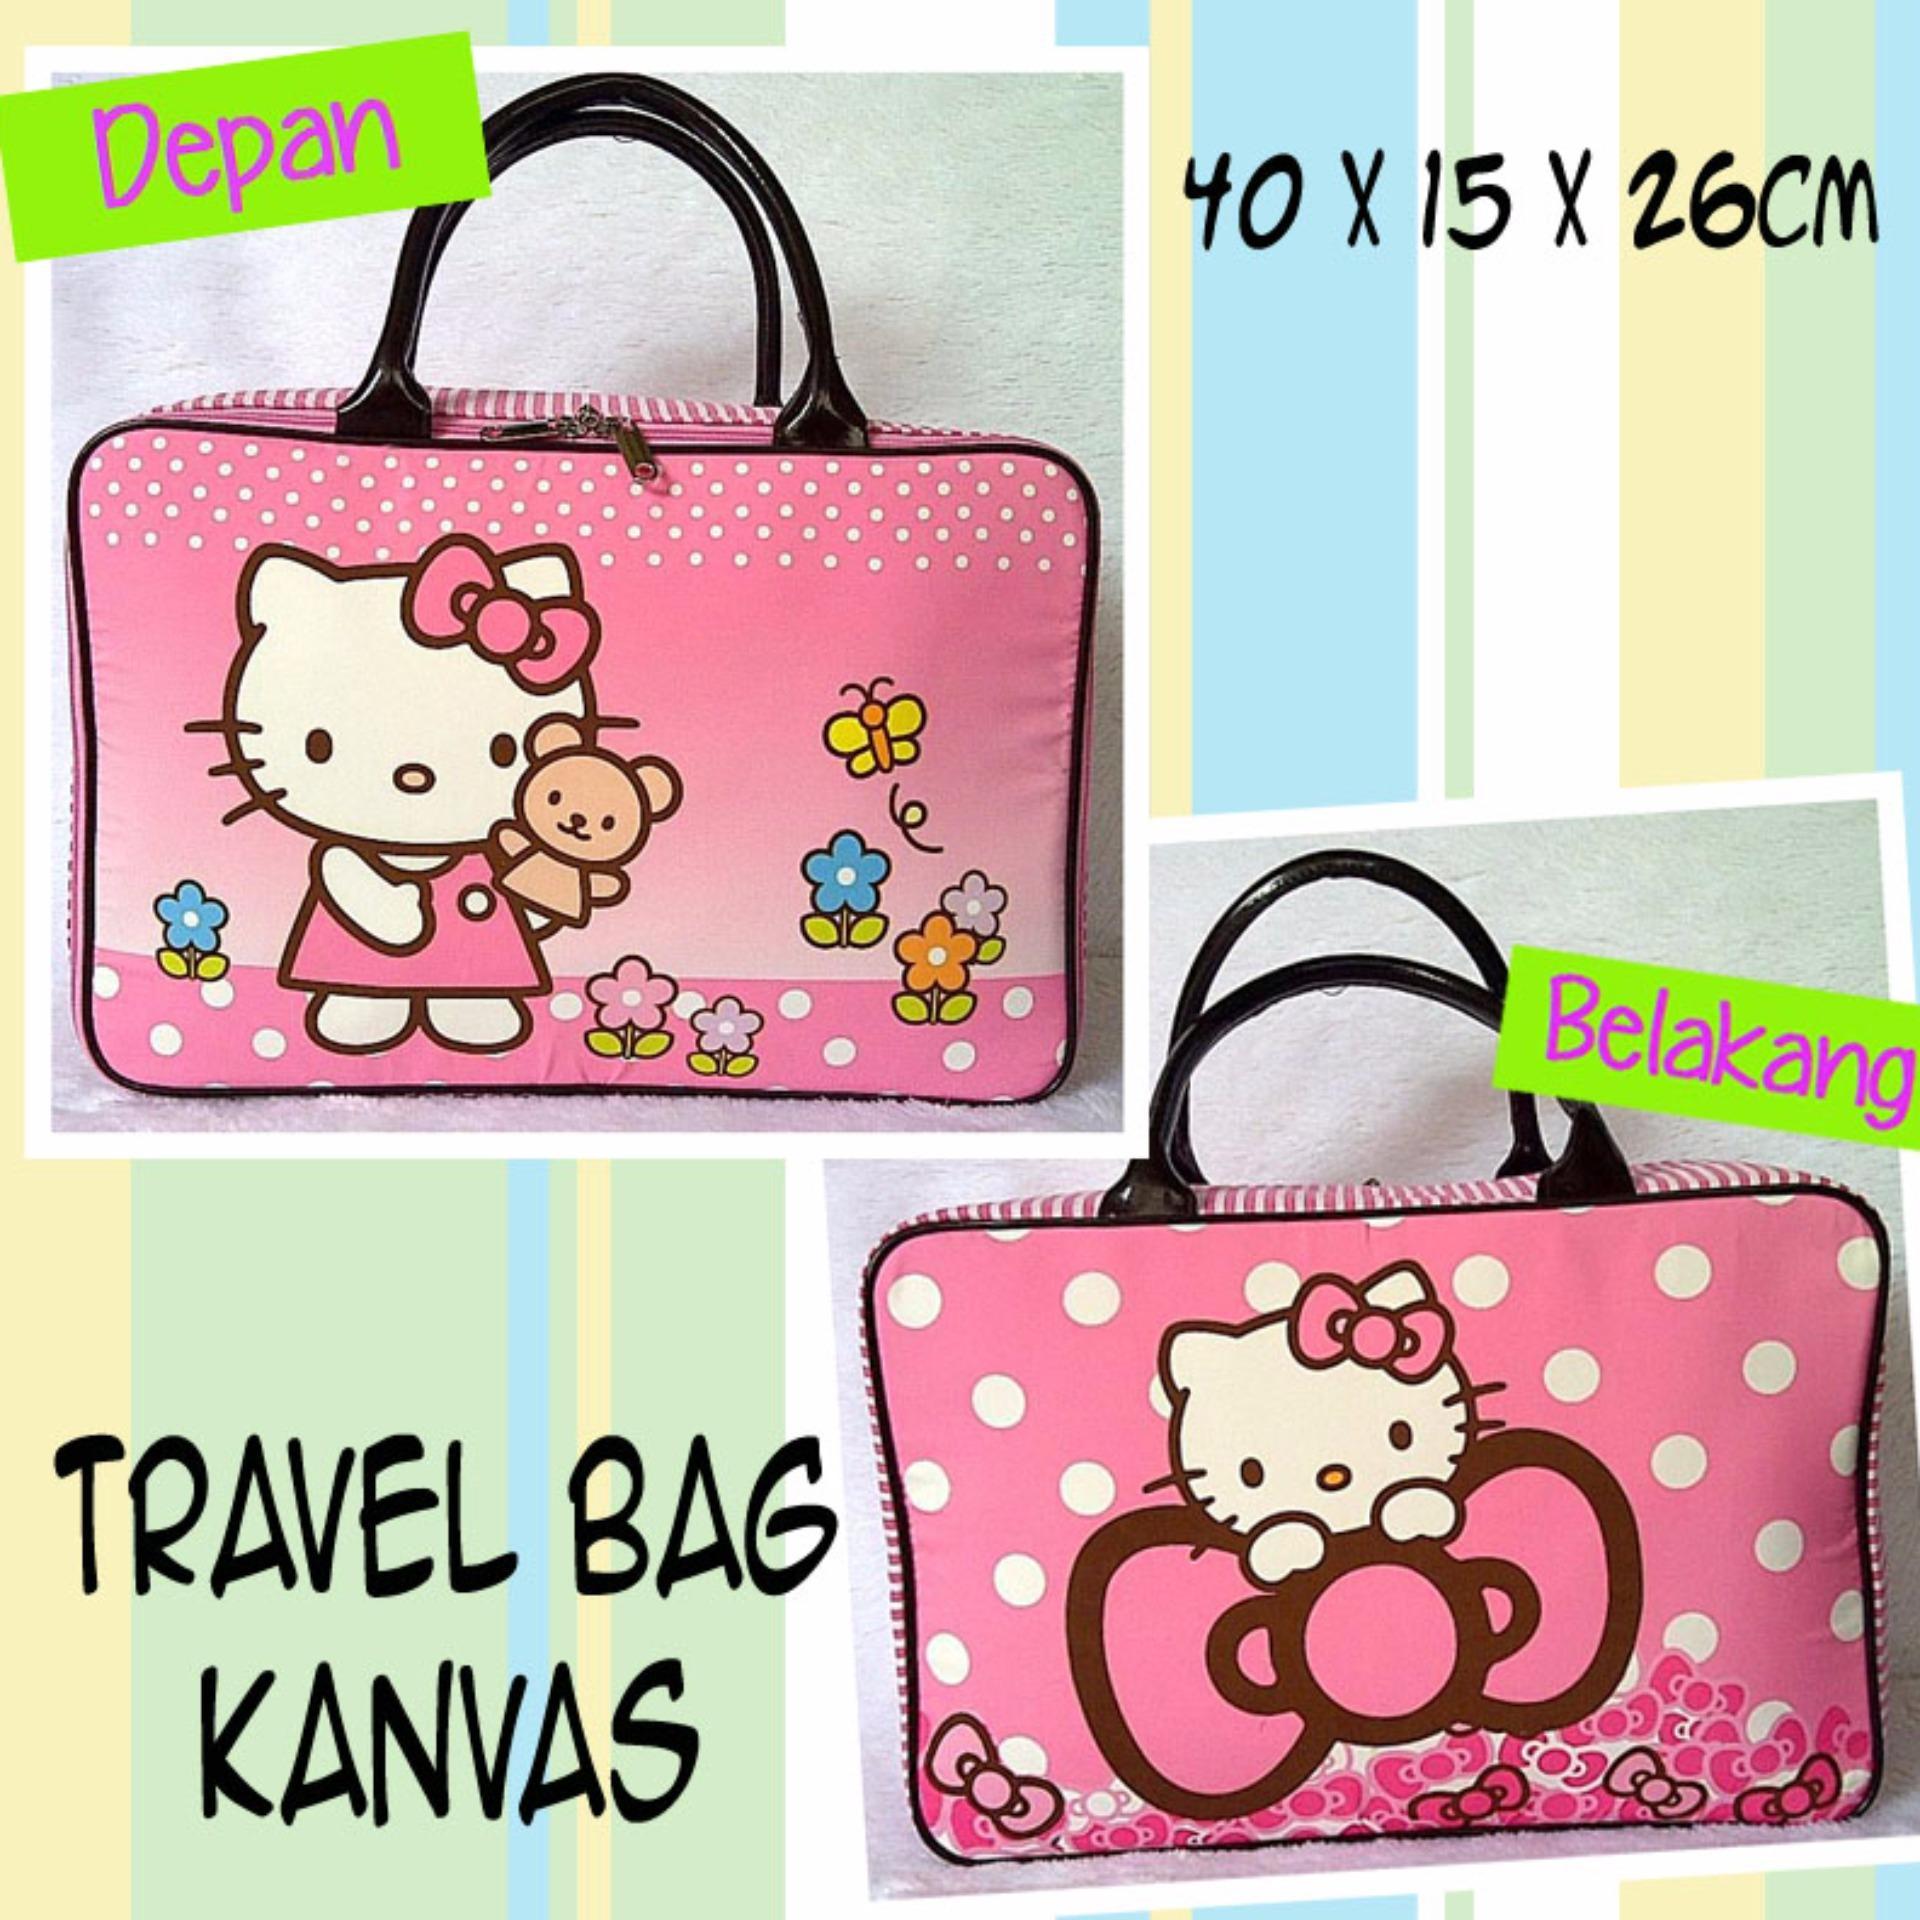 Travel Bag Kanvas HelloKitty Pita